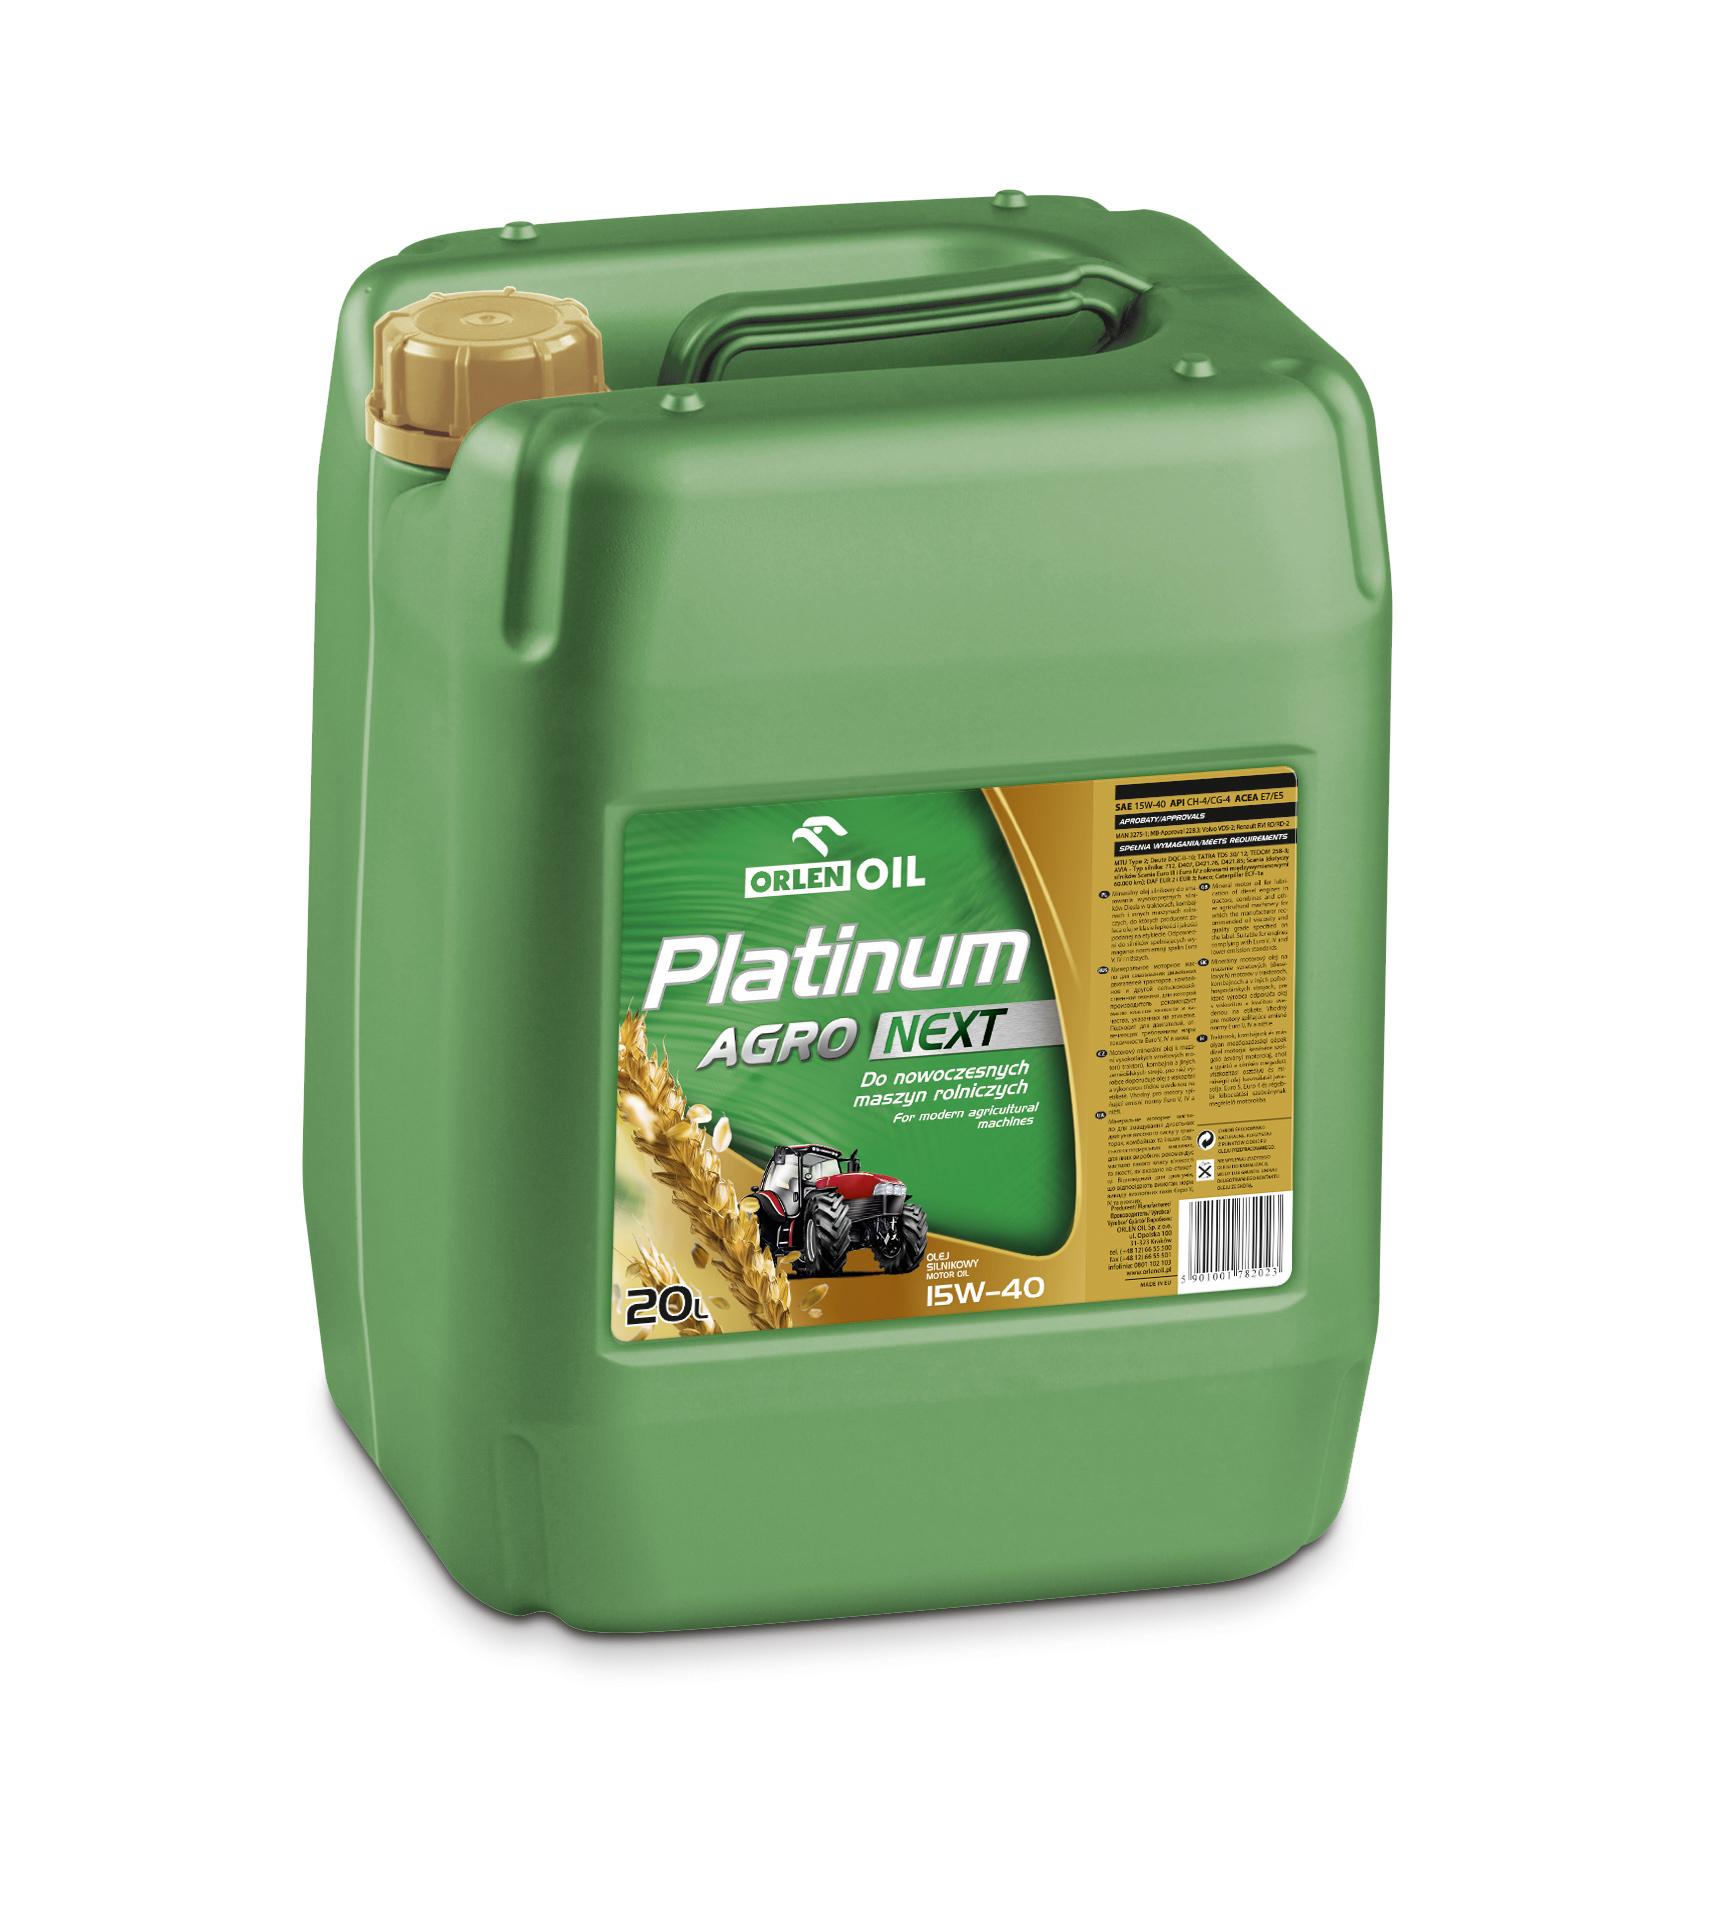 PLATINUM AGRO NEXT 15W/40   KP 20L